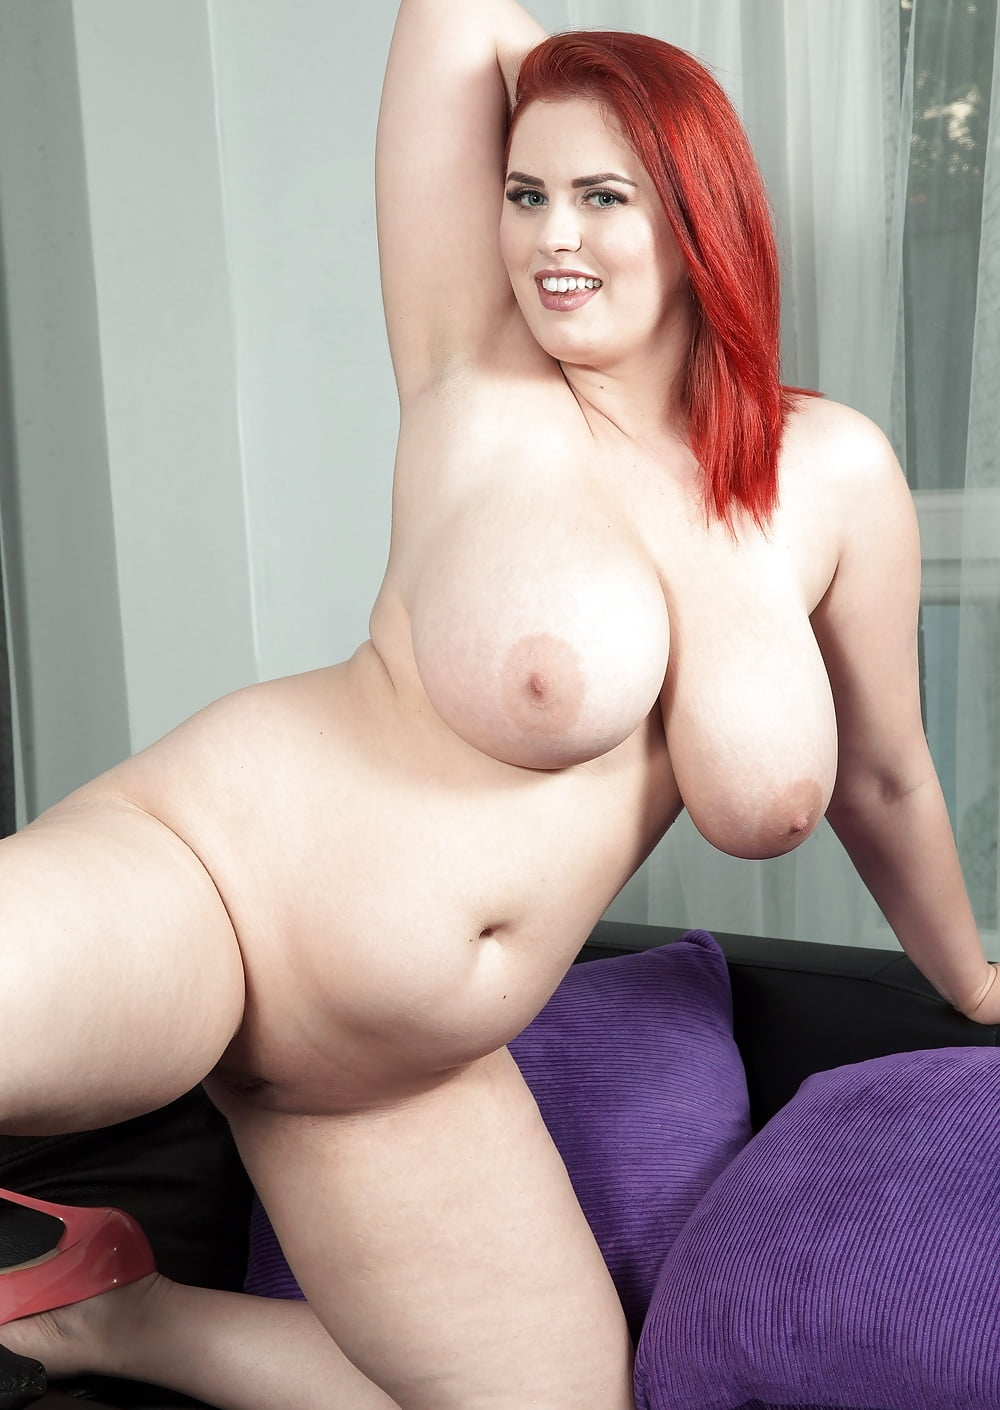 Curvy Redhead Sex